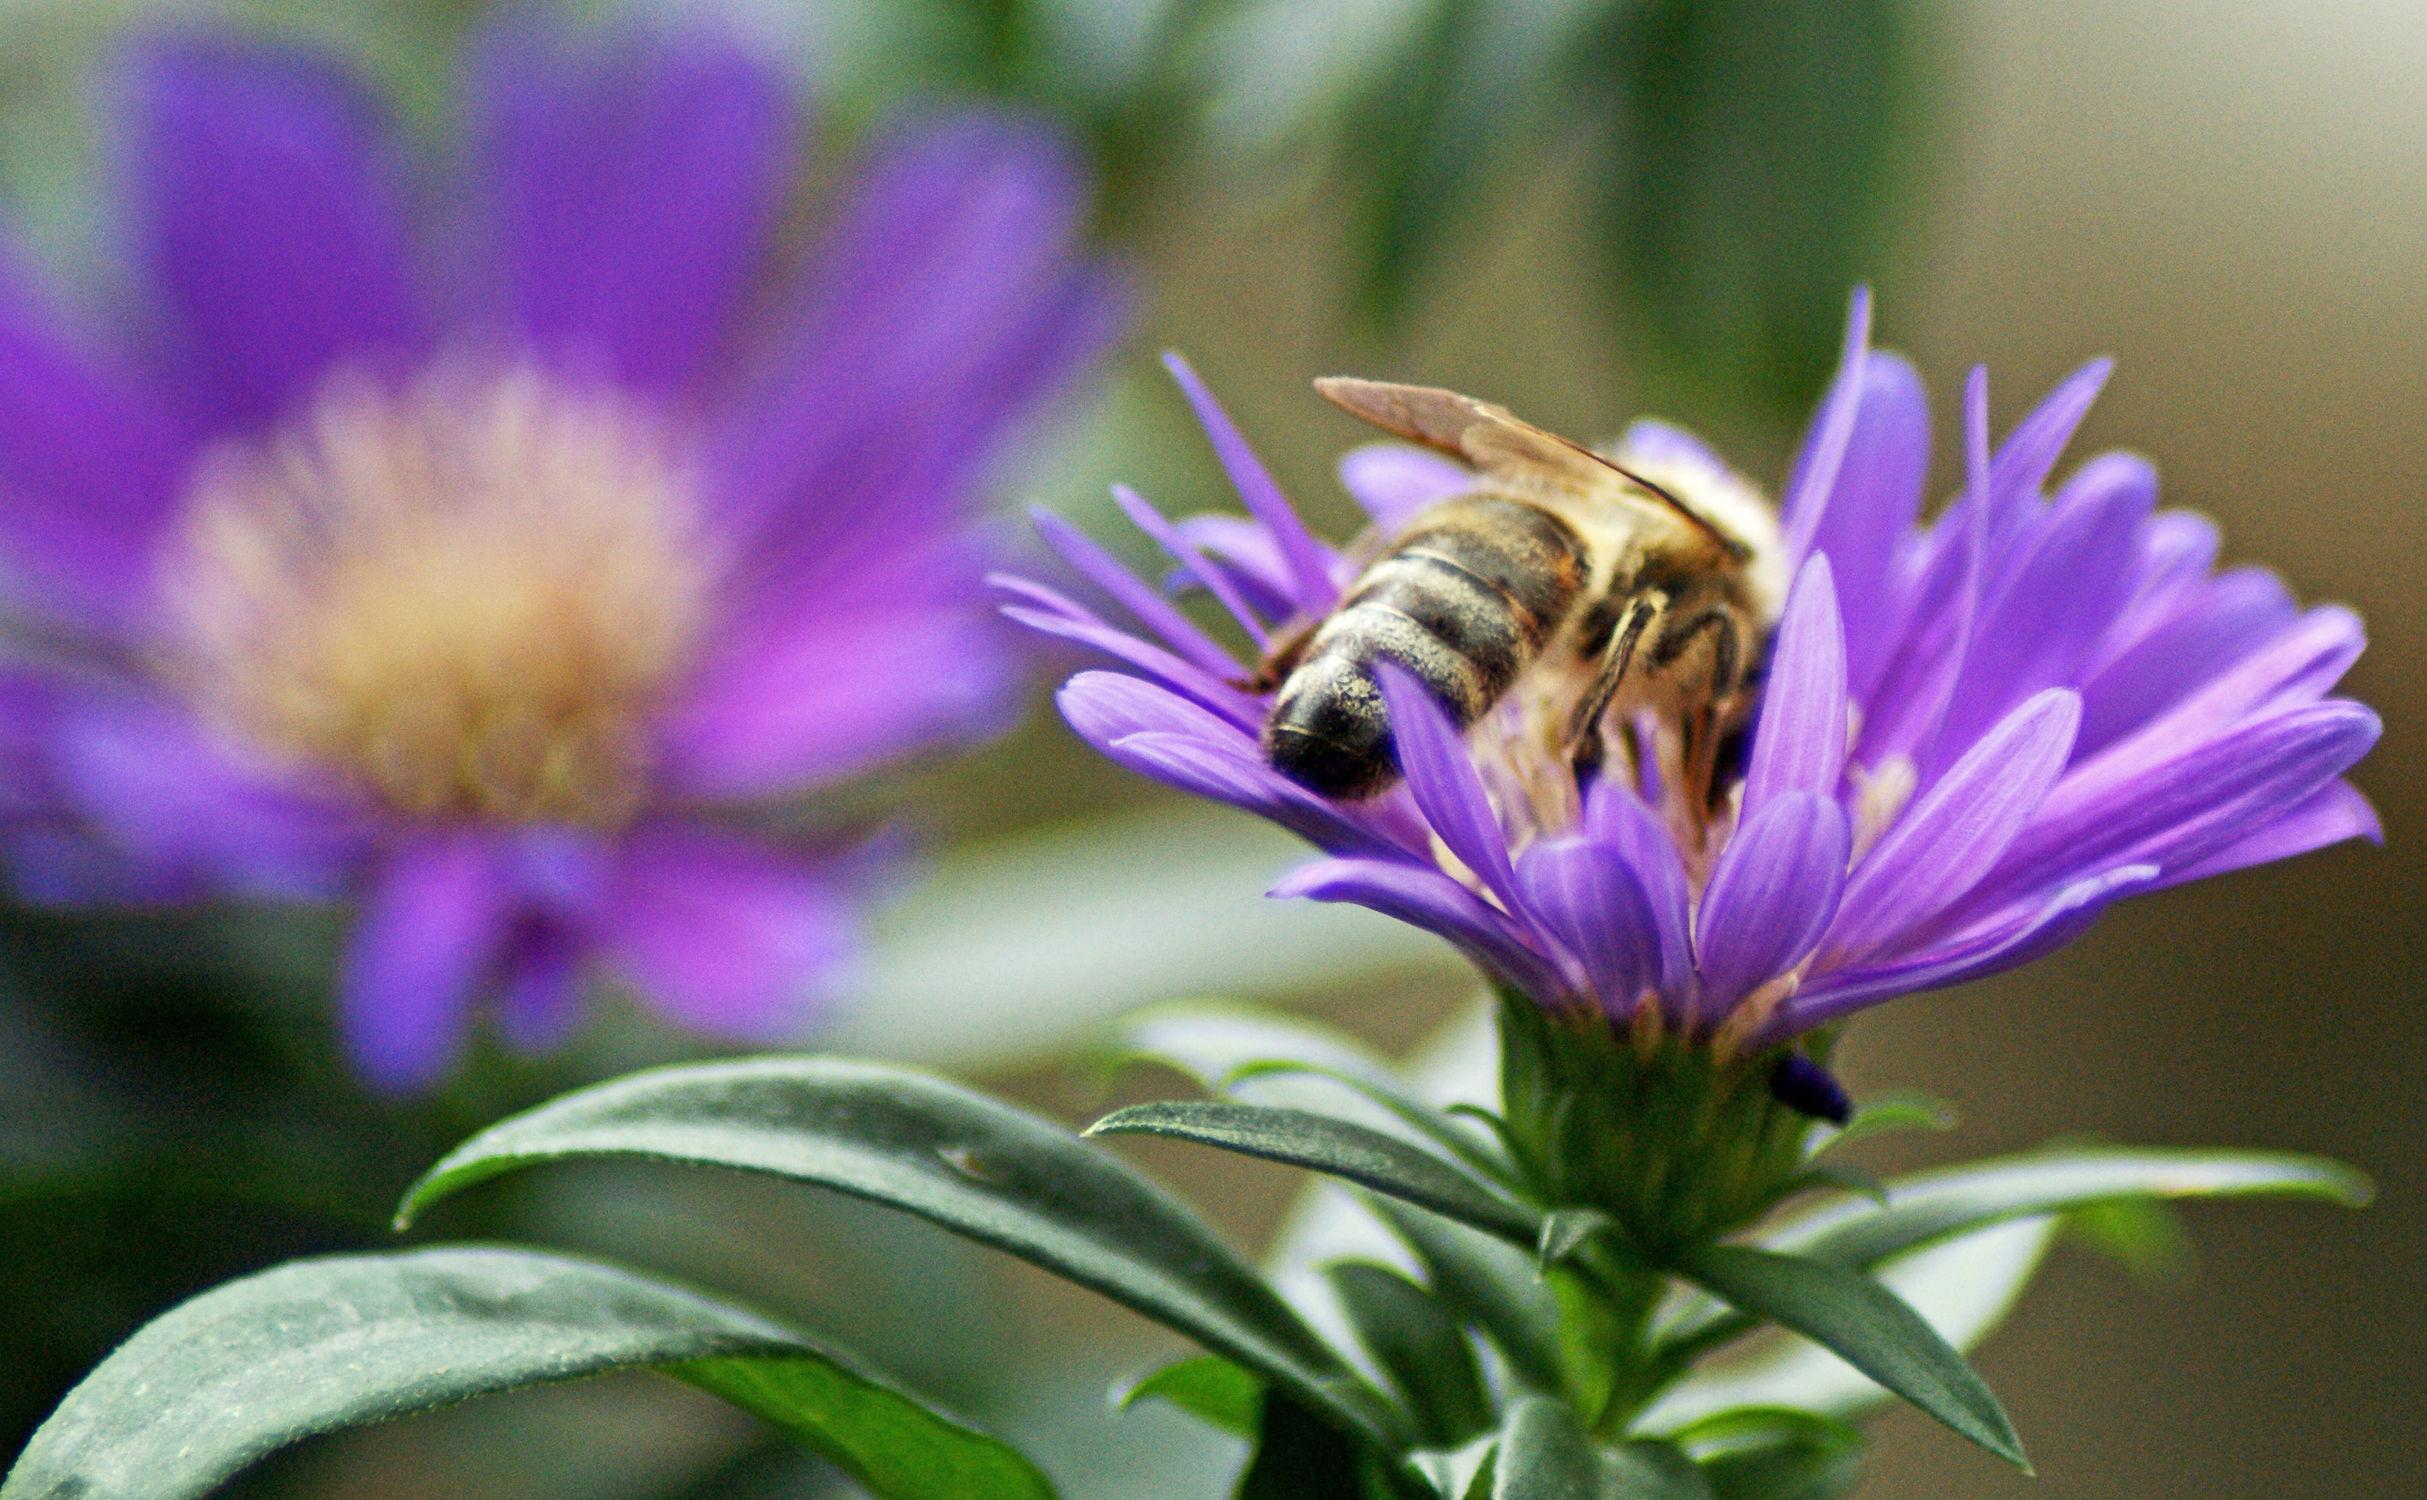 Bild mit Natur, Blumen, Bienen, Astern, Blume, Blüten, blüte, Biene, ASTER